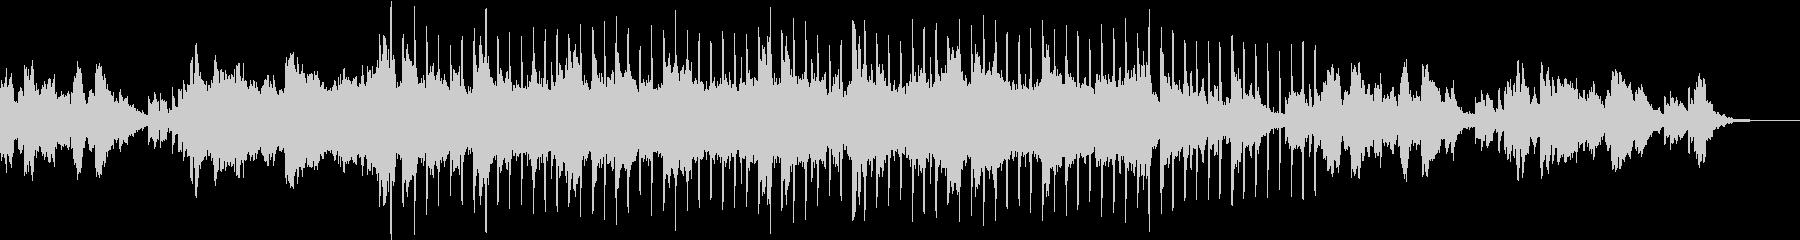 シンセの海に潜るアンビエント曲の未再生の波形